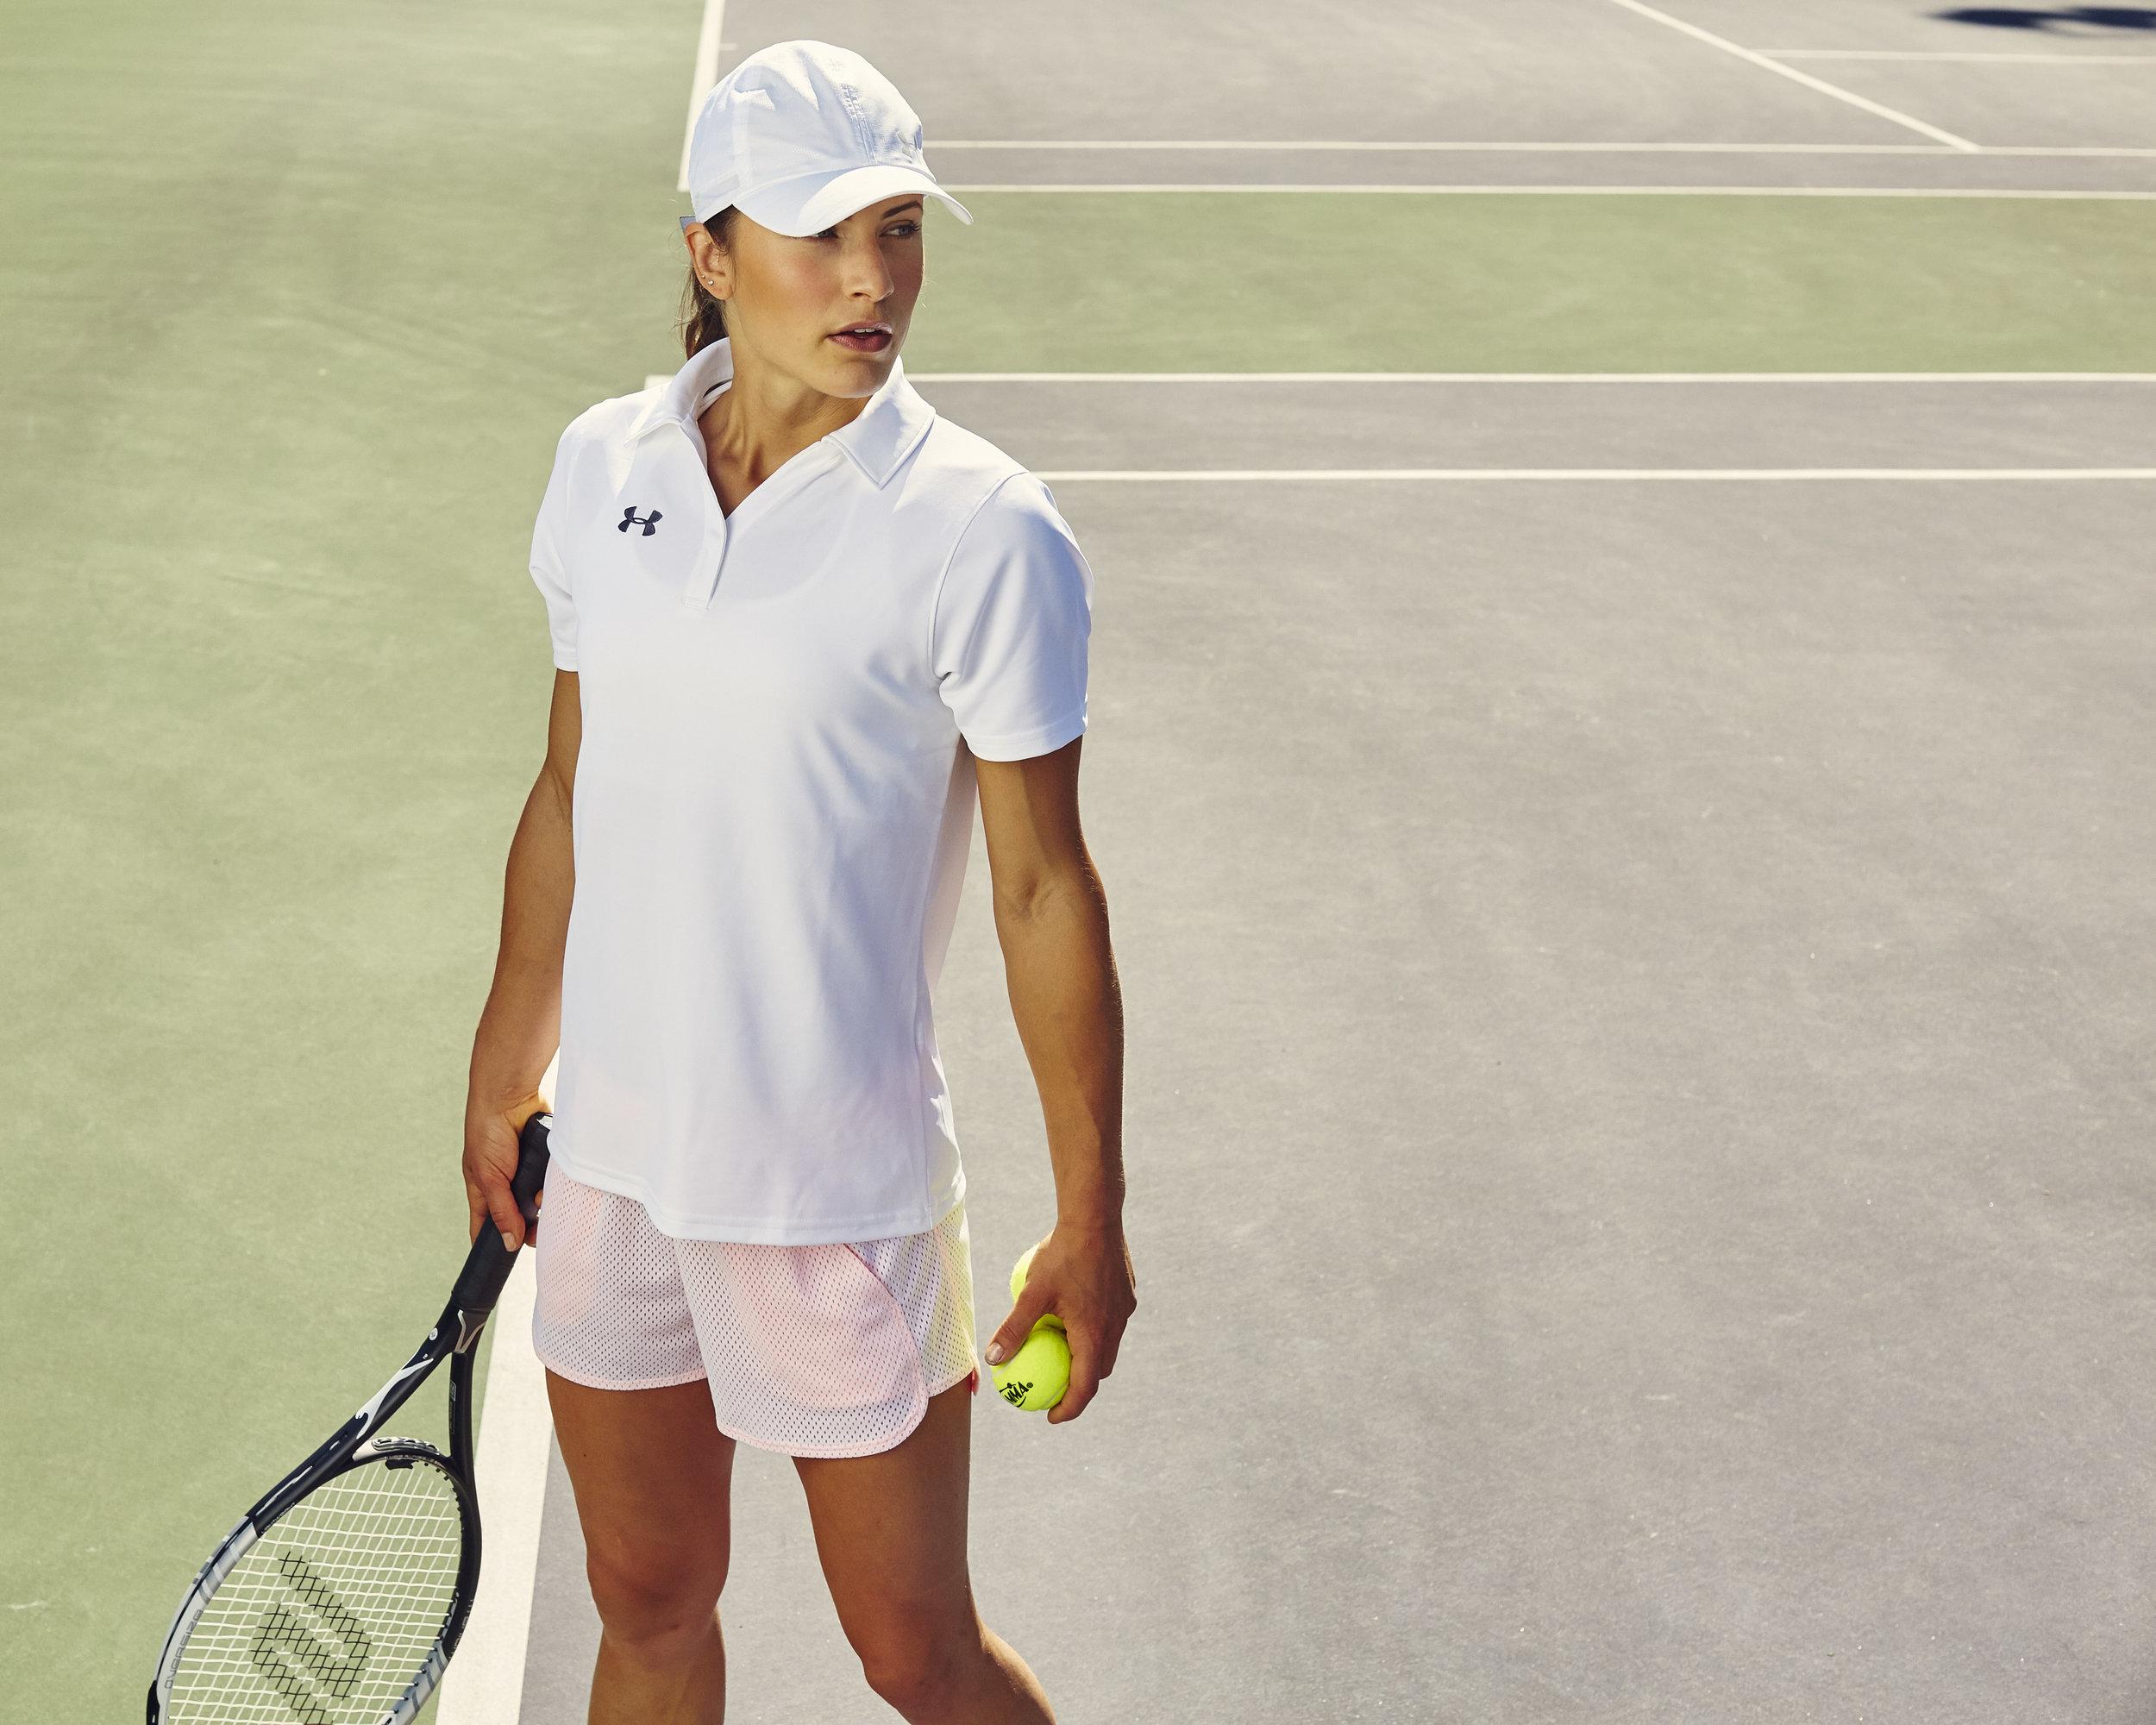 Womens Tennis_Women's Tennis_089.jpg